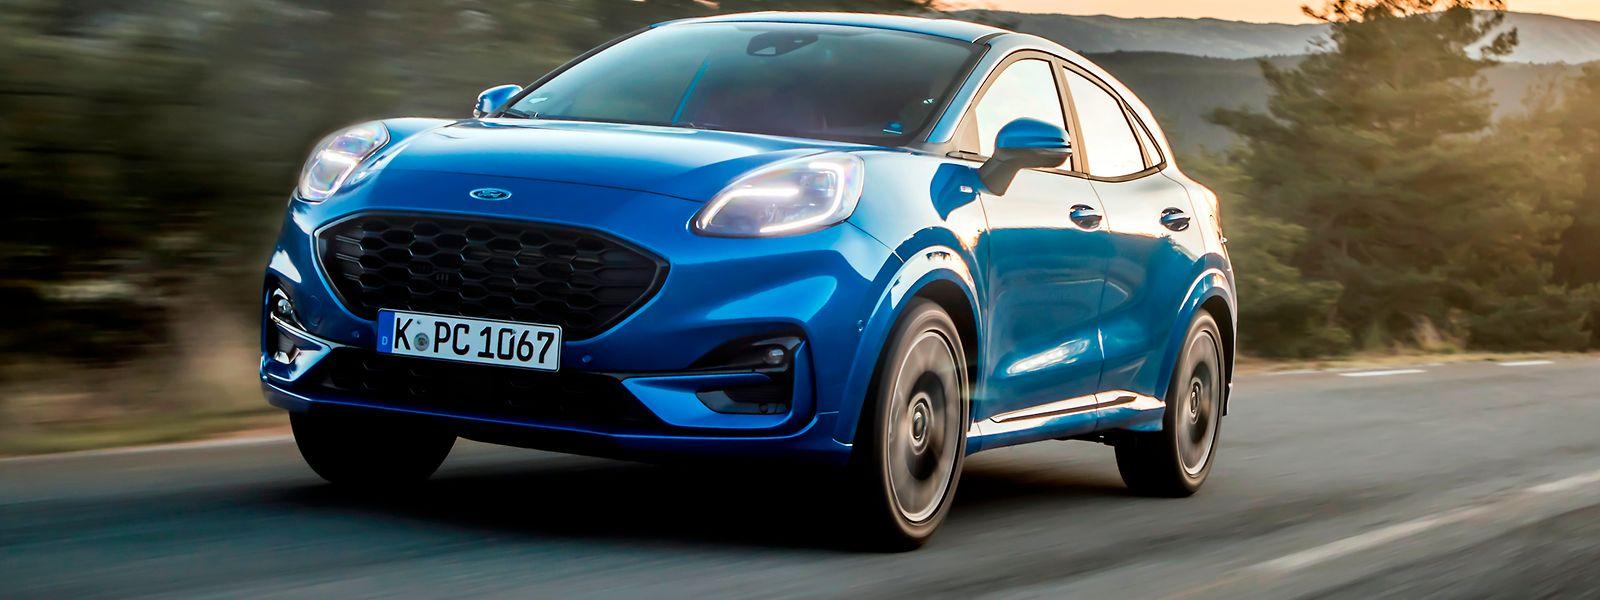 Der neue Puma – auf dem Bild in der ST-Line-Variante – wartet mit Ford-typischen, tadellosen Fahreigenschaften auf.